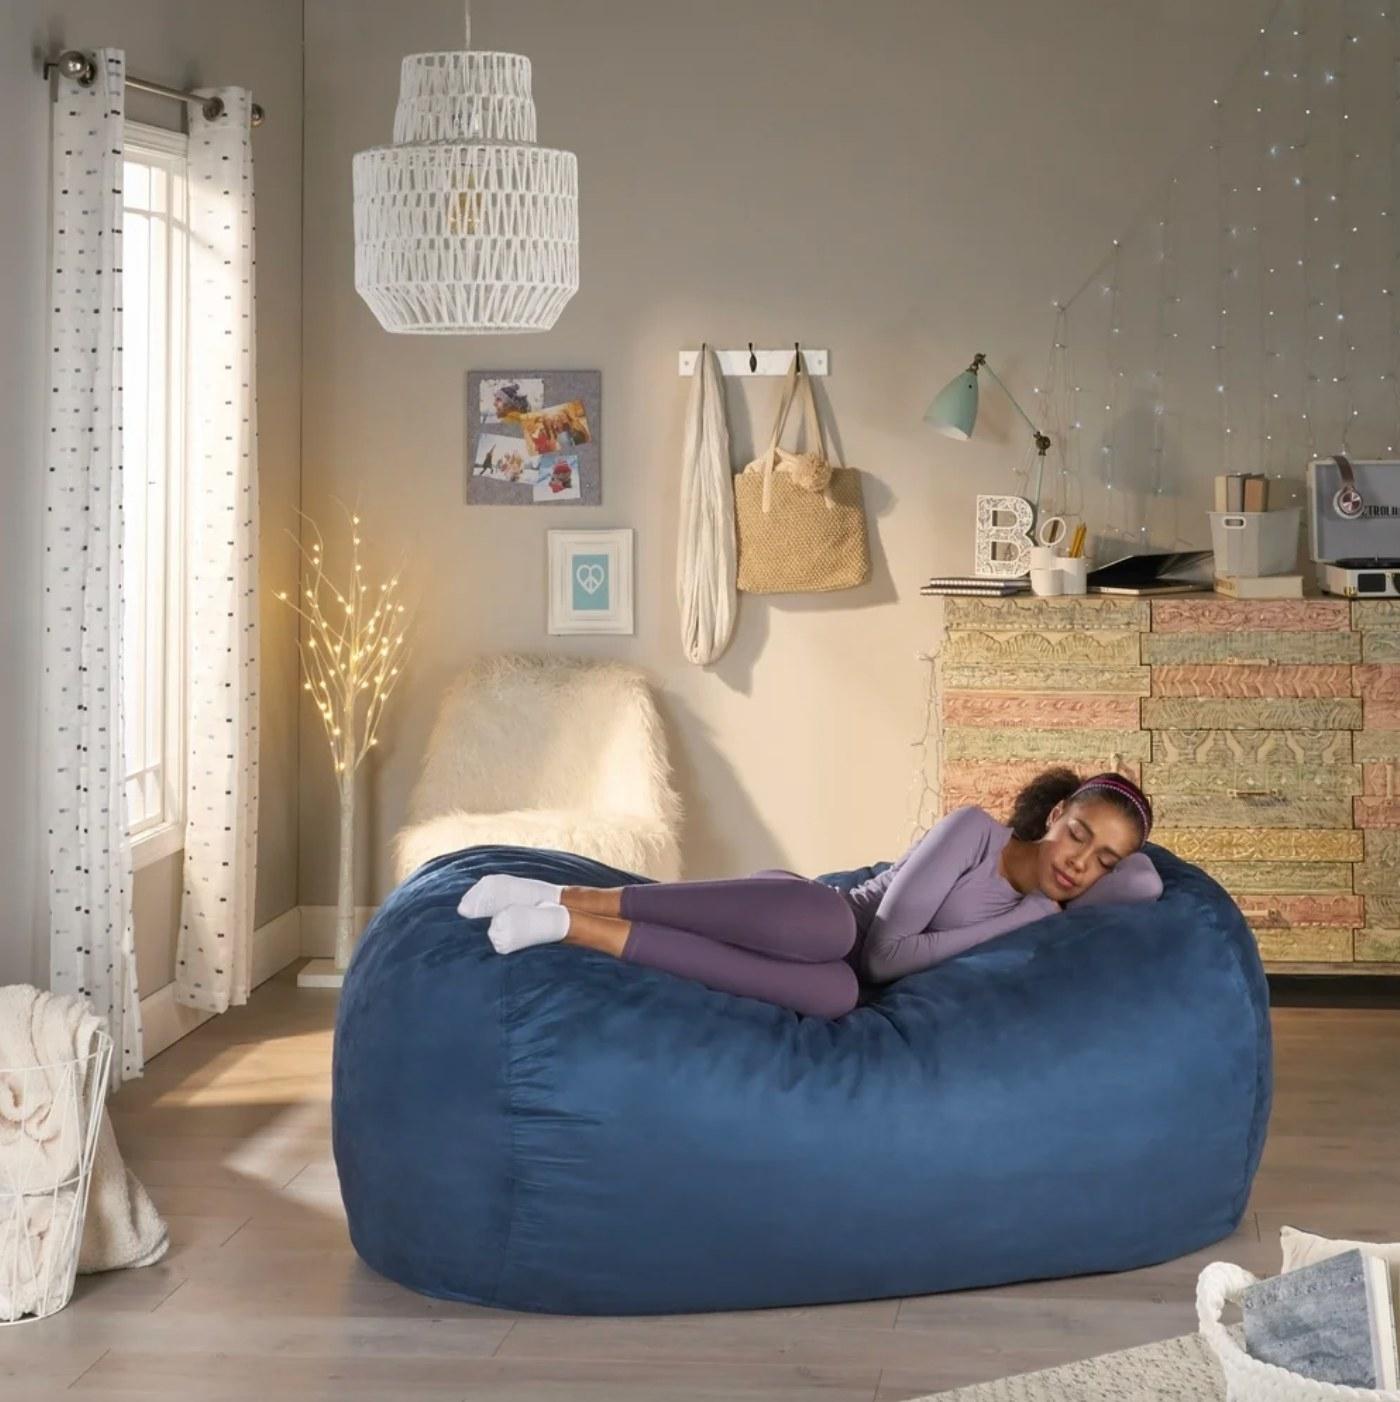 The long bean bag chair in blue